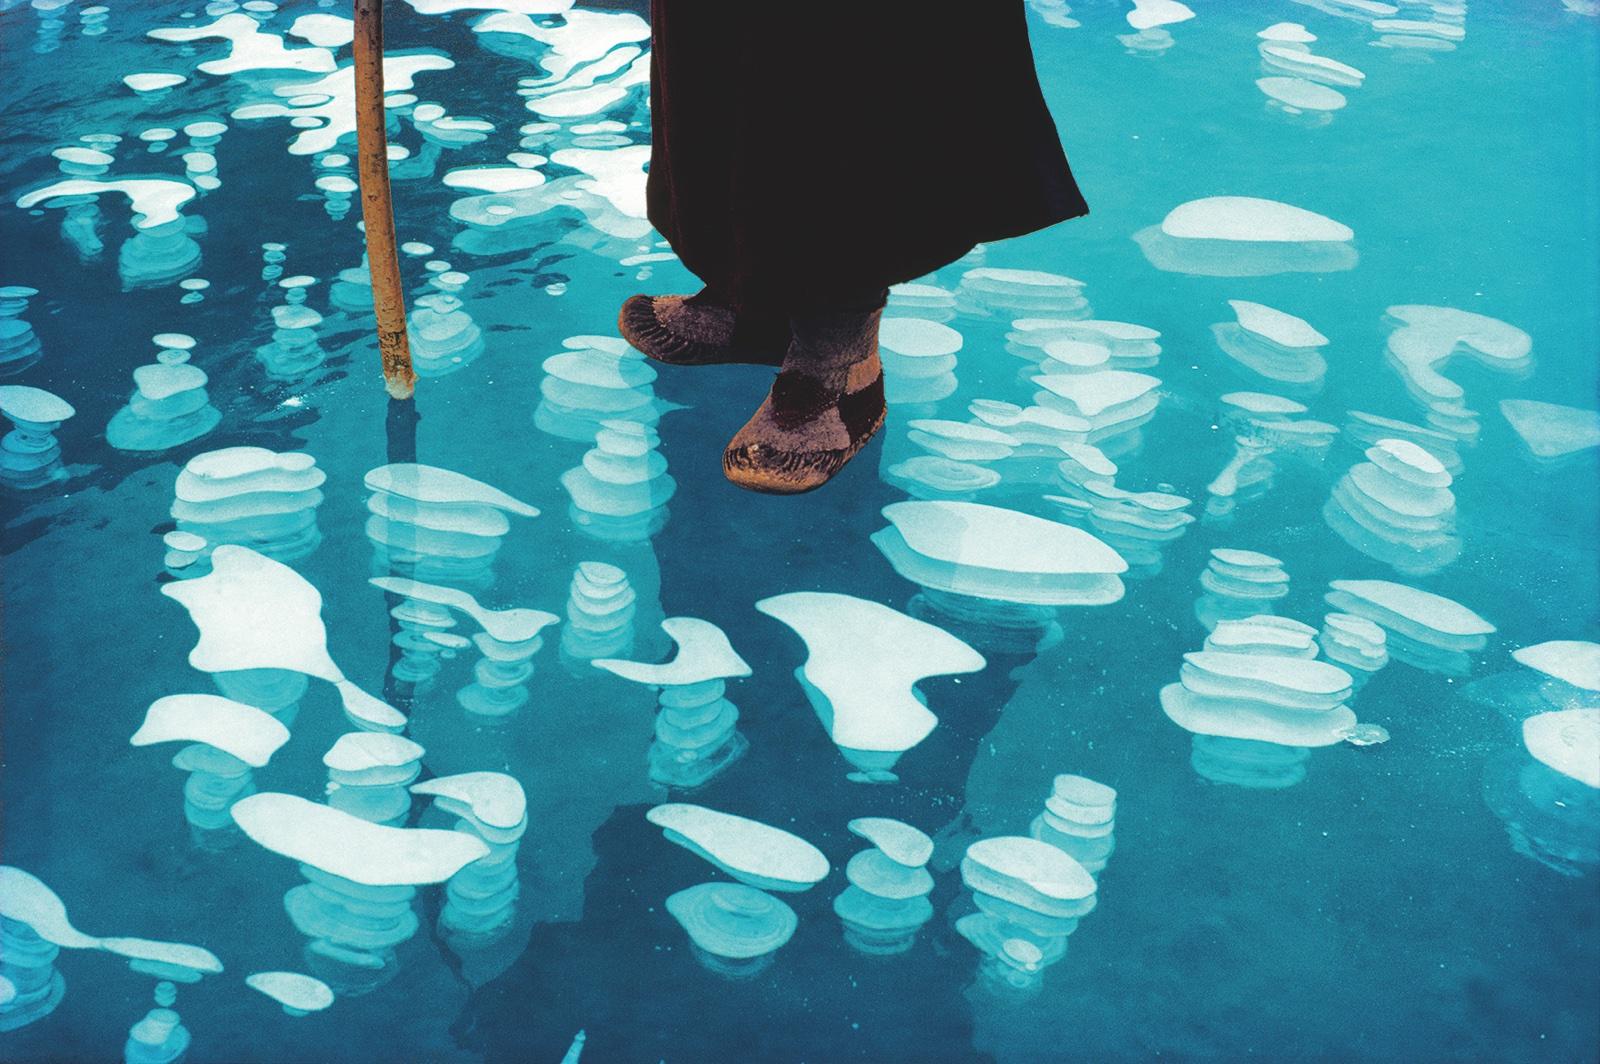 foto:© 2018 Olivier Föllmi. boeddist voeten op ijs met stok